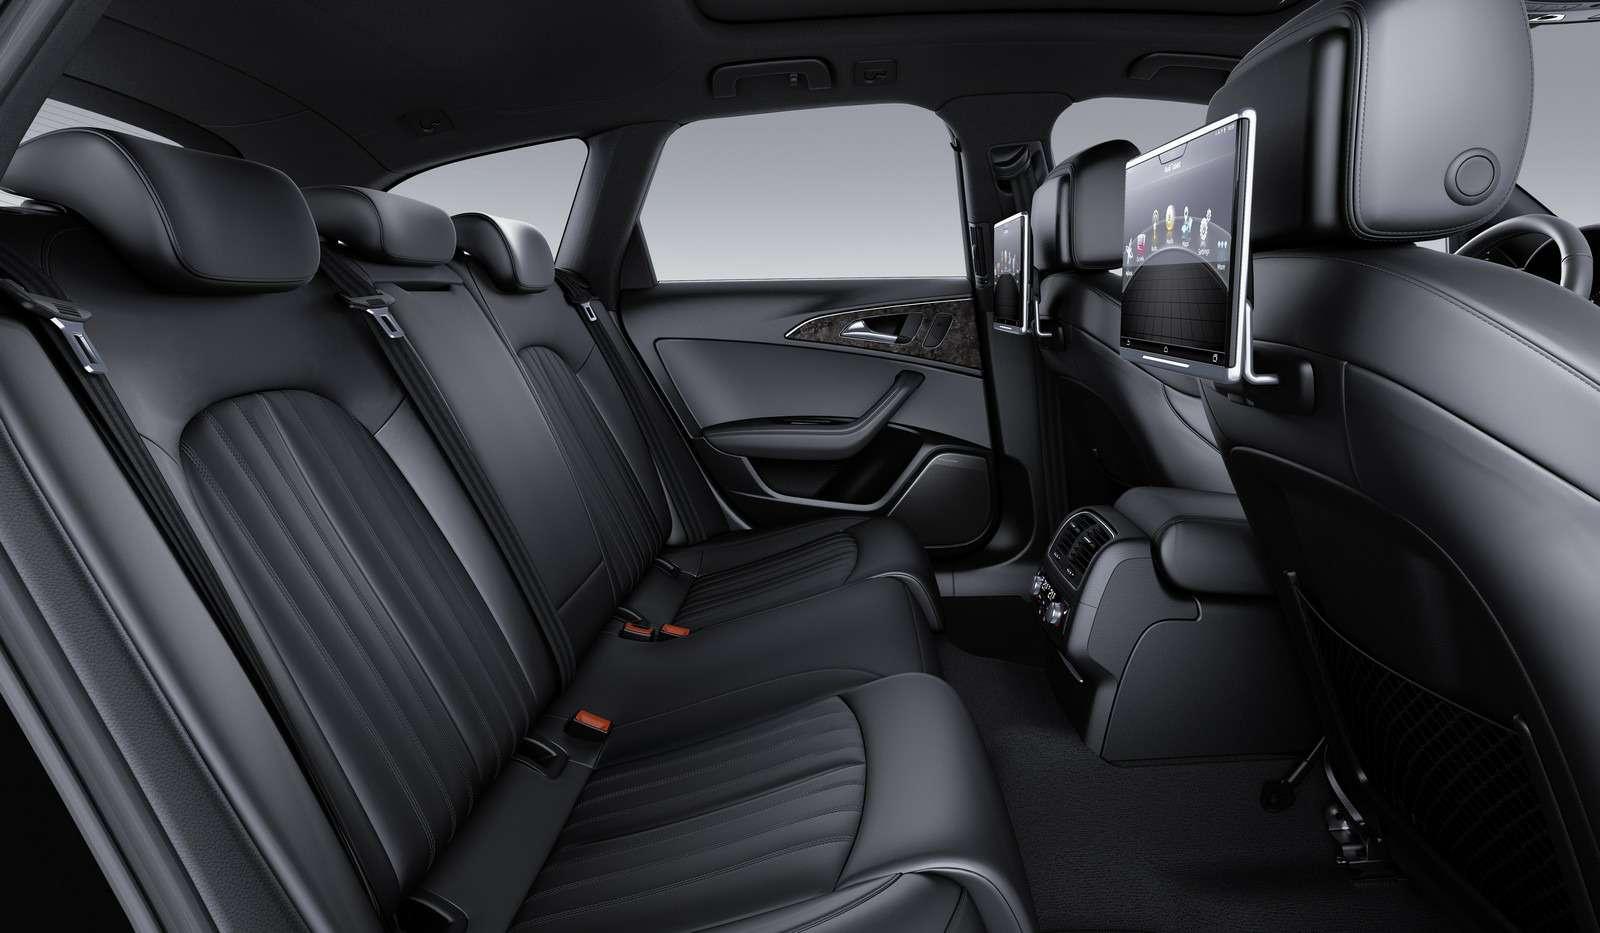 Обновленное семейство Audi A6/A7 хочет понравиться гаджетоманам— фото 579074